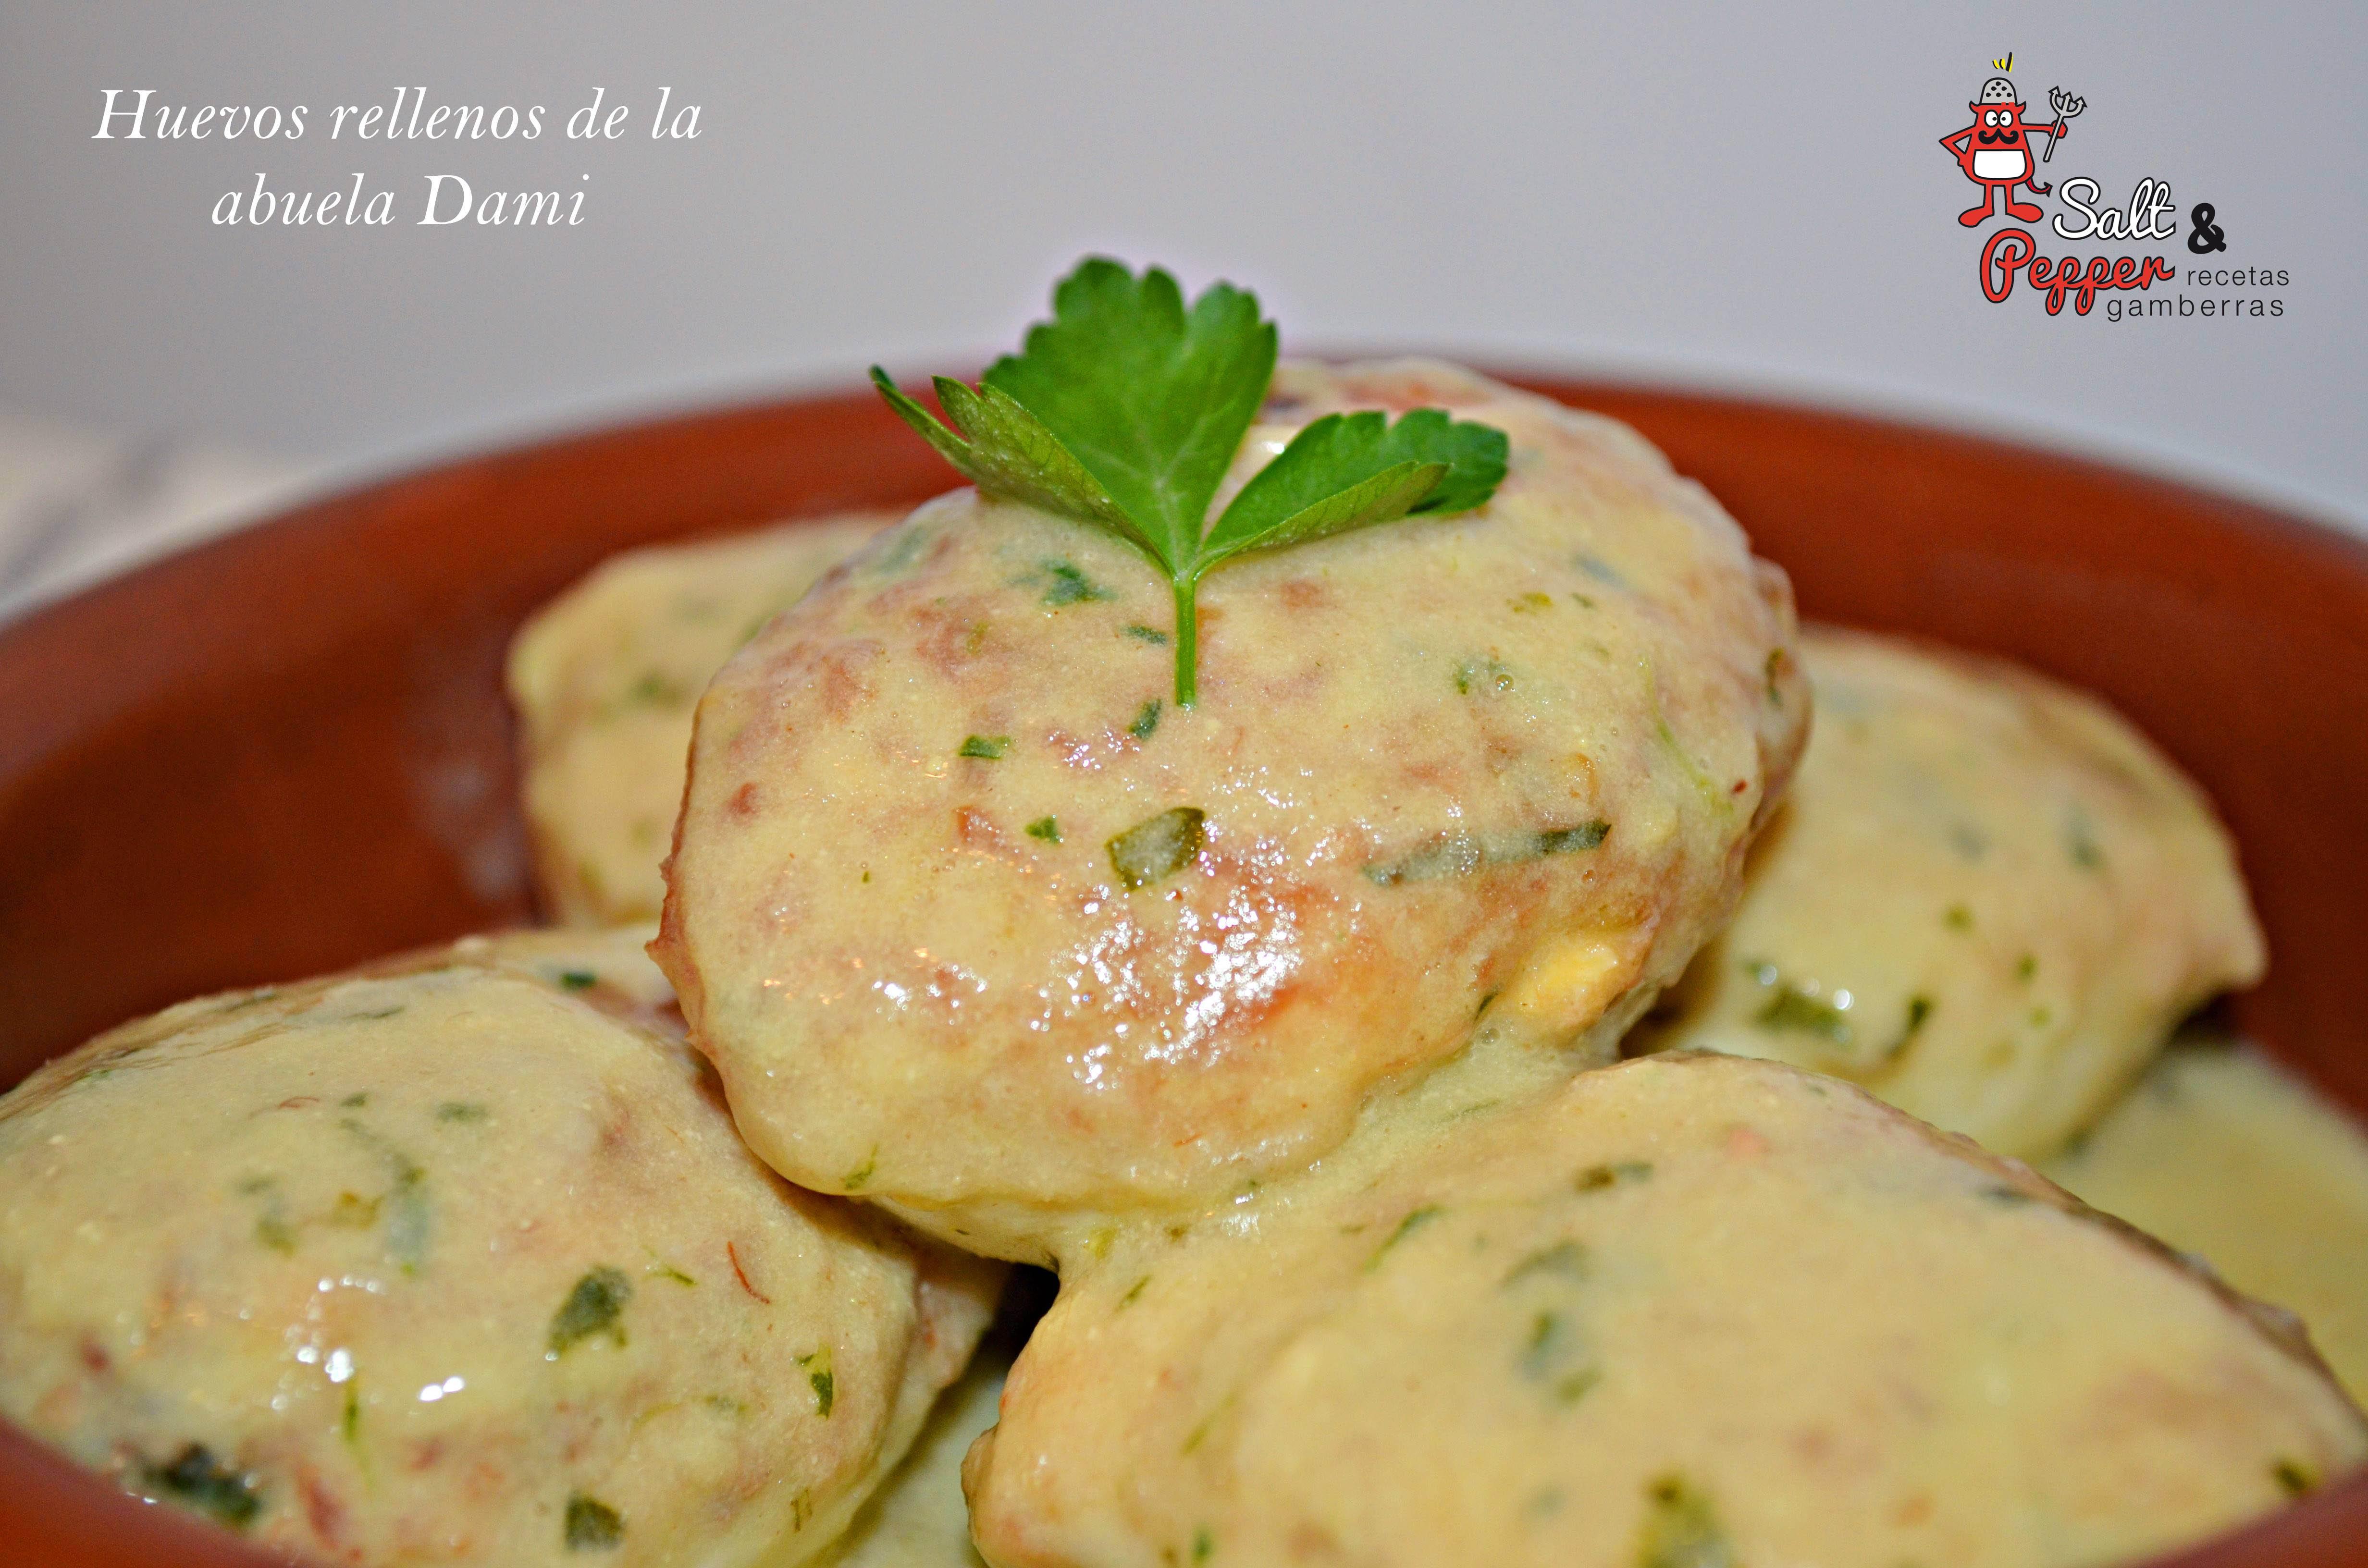 huevos_rellenos_abuela_Dami_1